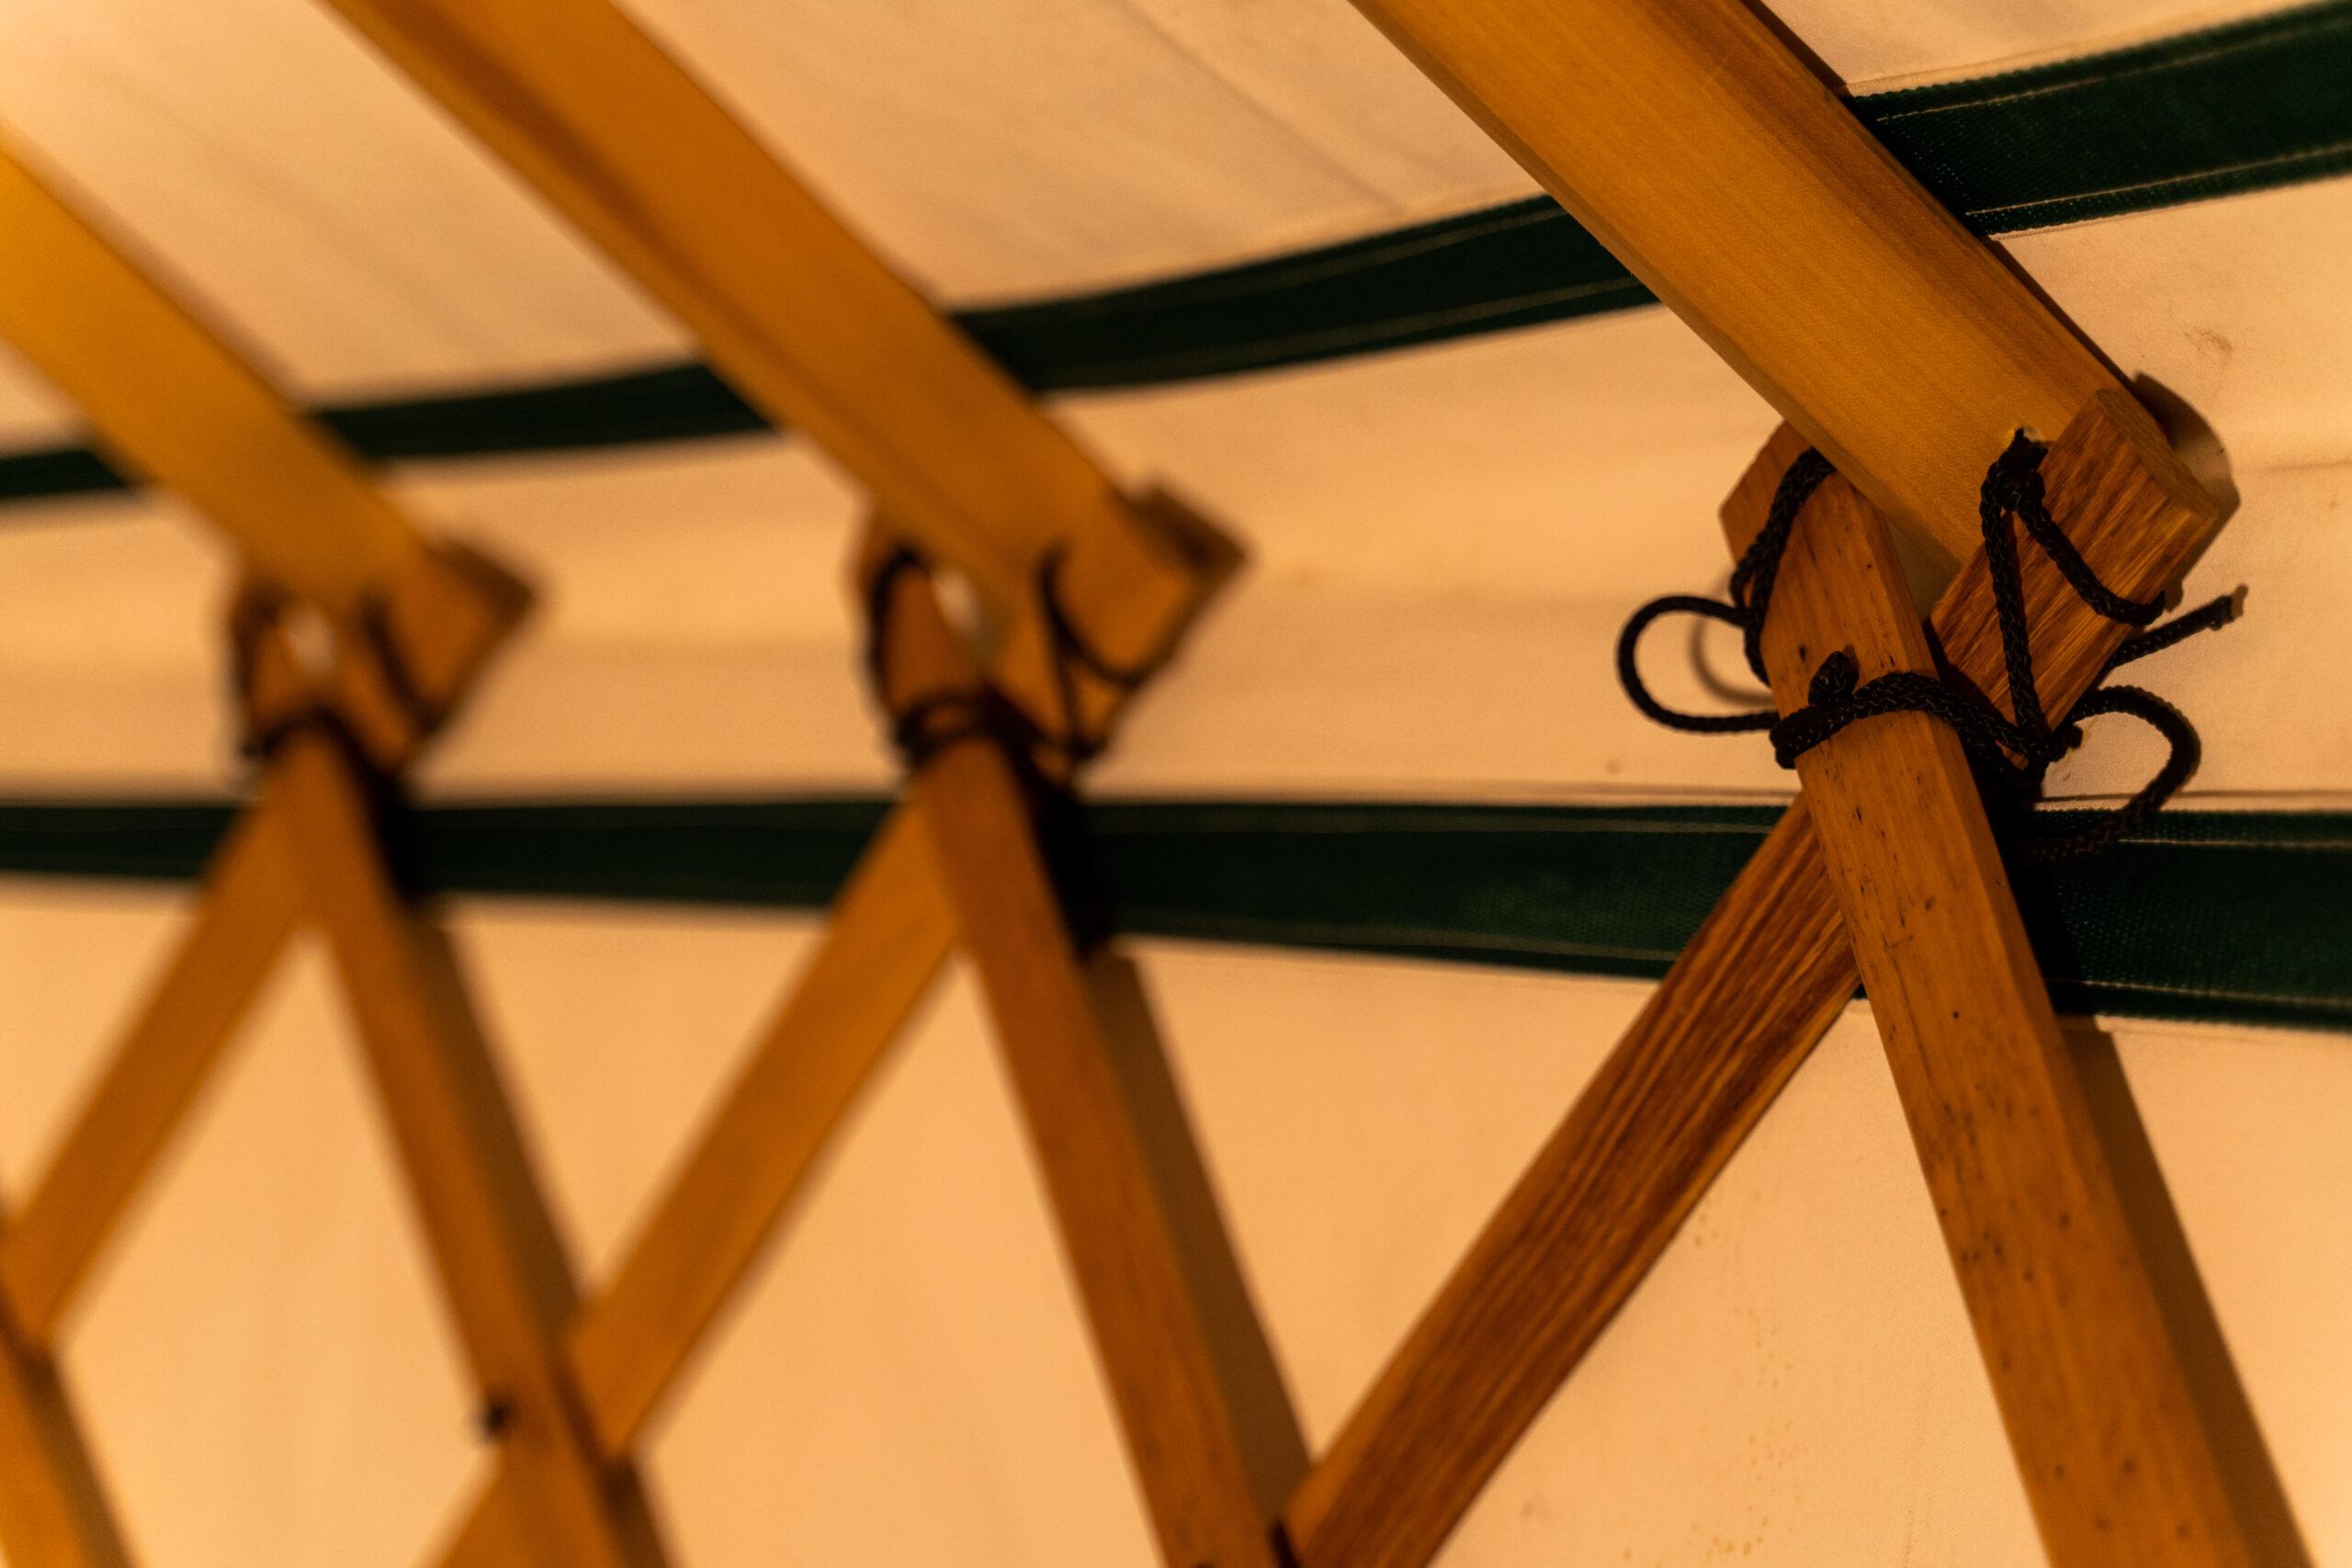 Handmade wooden yurt frame